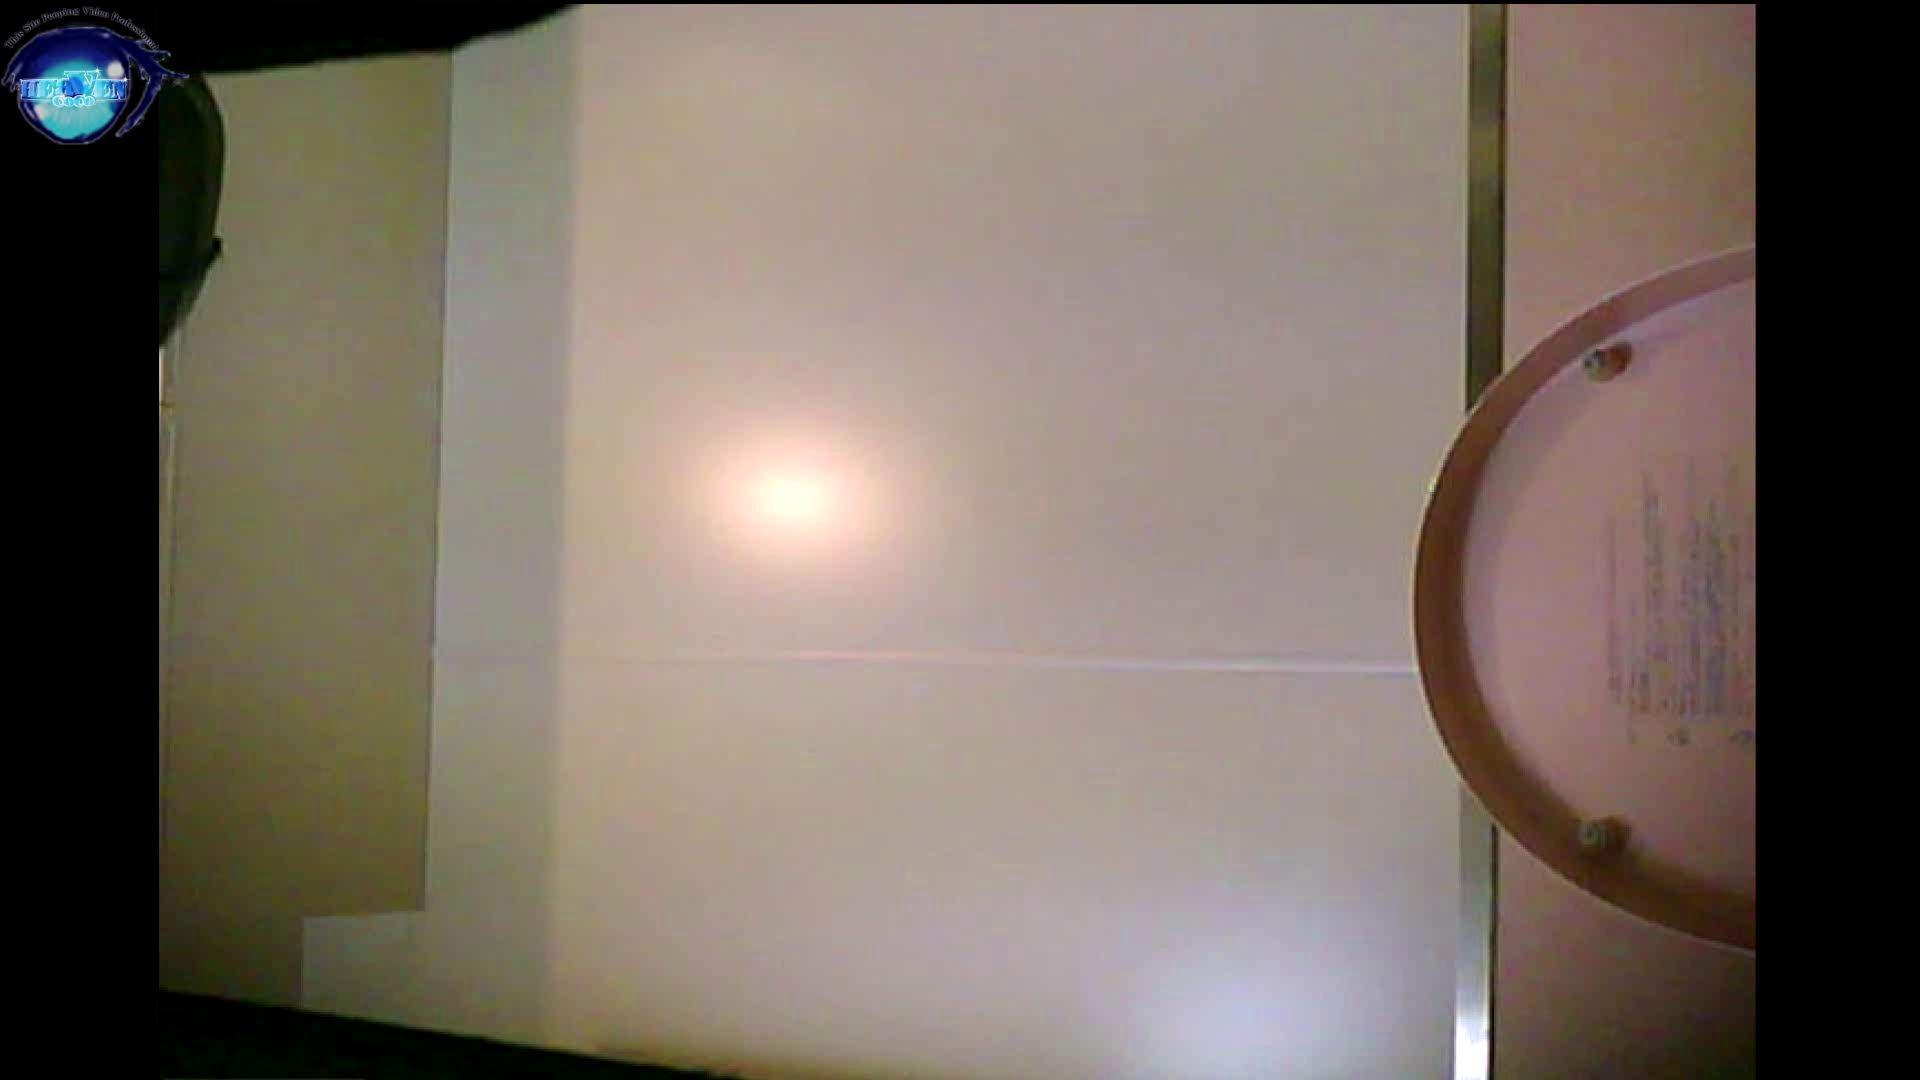 三つ目で盗撮 vol.42 オマンコ 盗撮AV動画キャプチャ 99連発 98